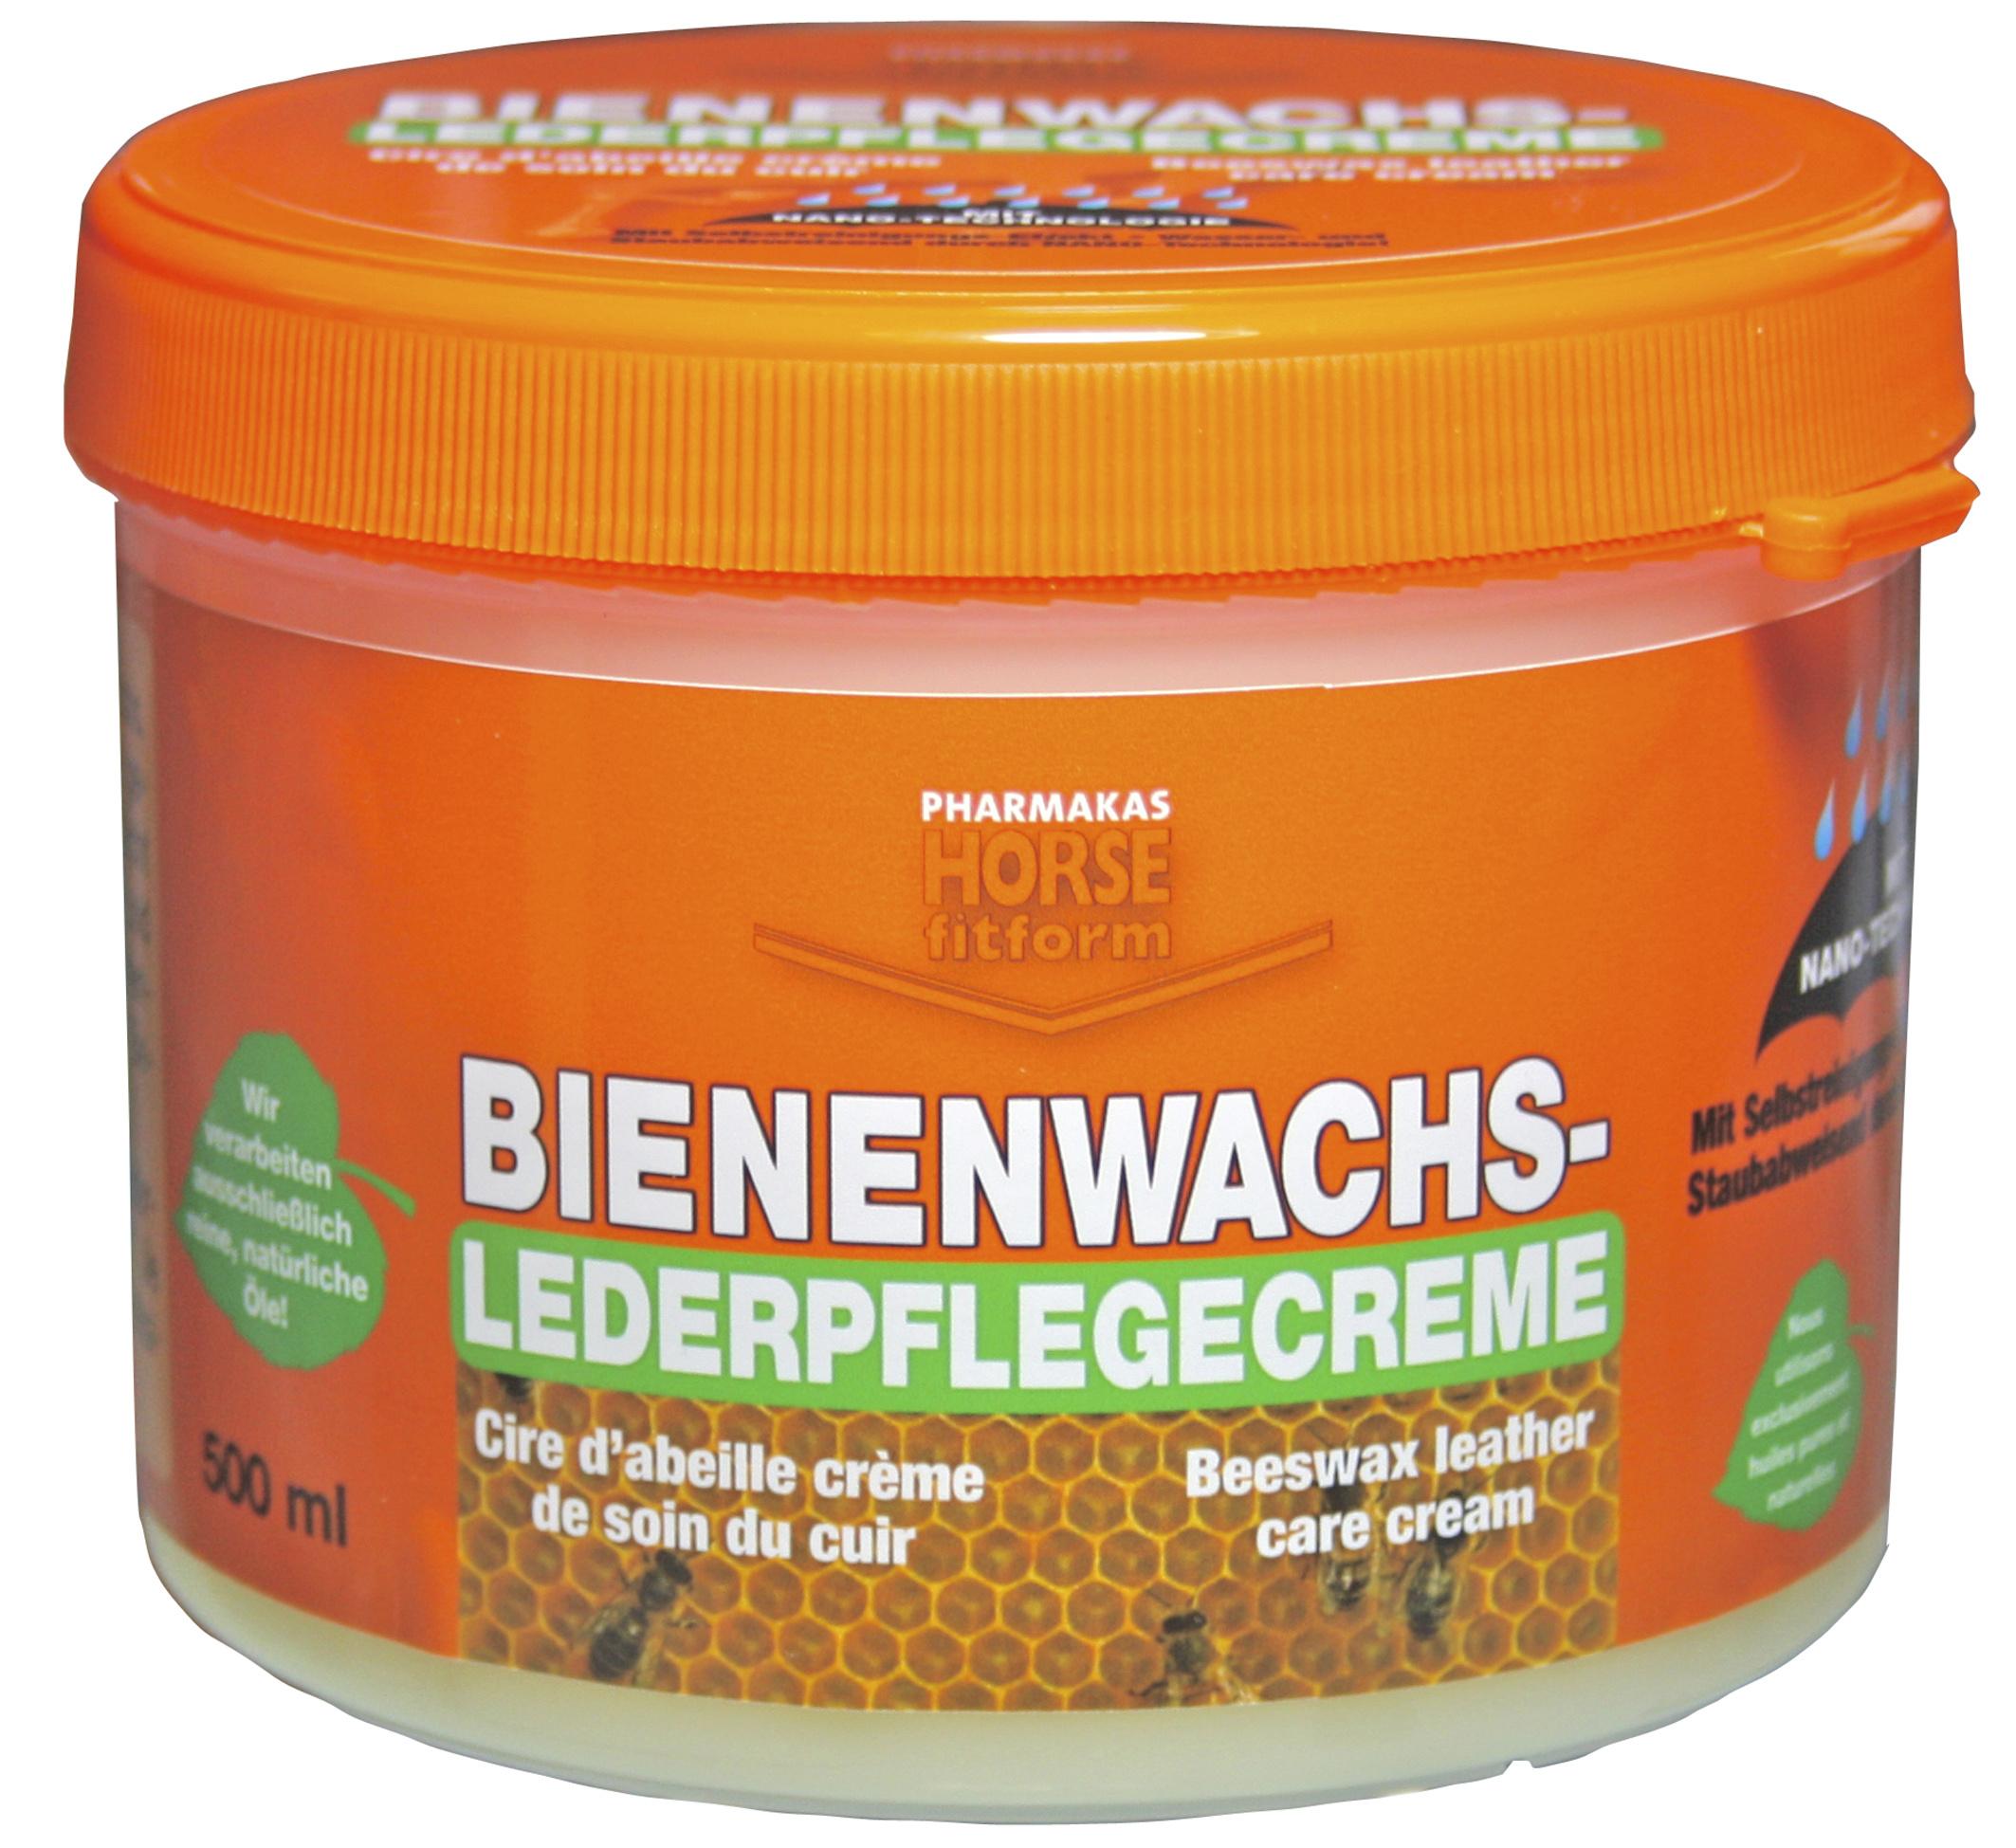 Bienenwachs-Lederpflege- creme 500 ml